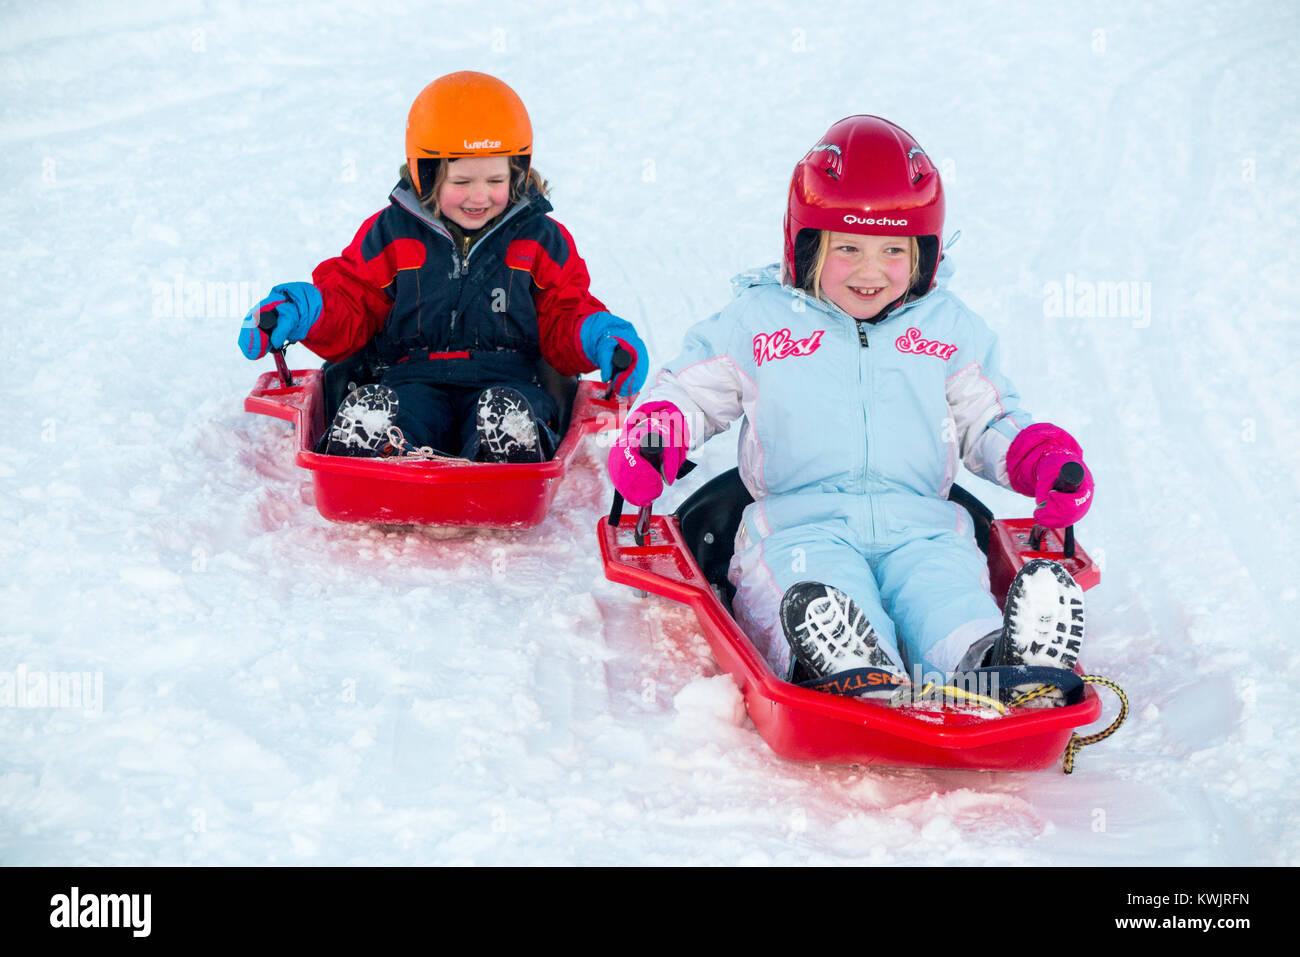 Las niñas, hermanas, de edades comprendidas entre los cinco y siete años de edad, y portando cascos de Imagen De Stock